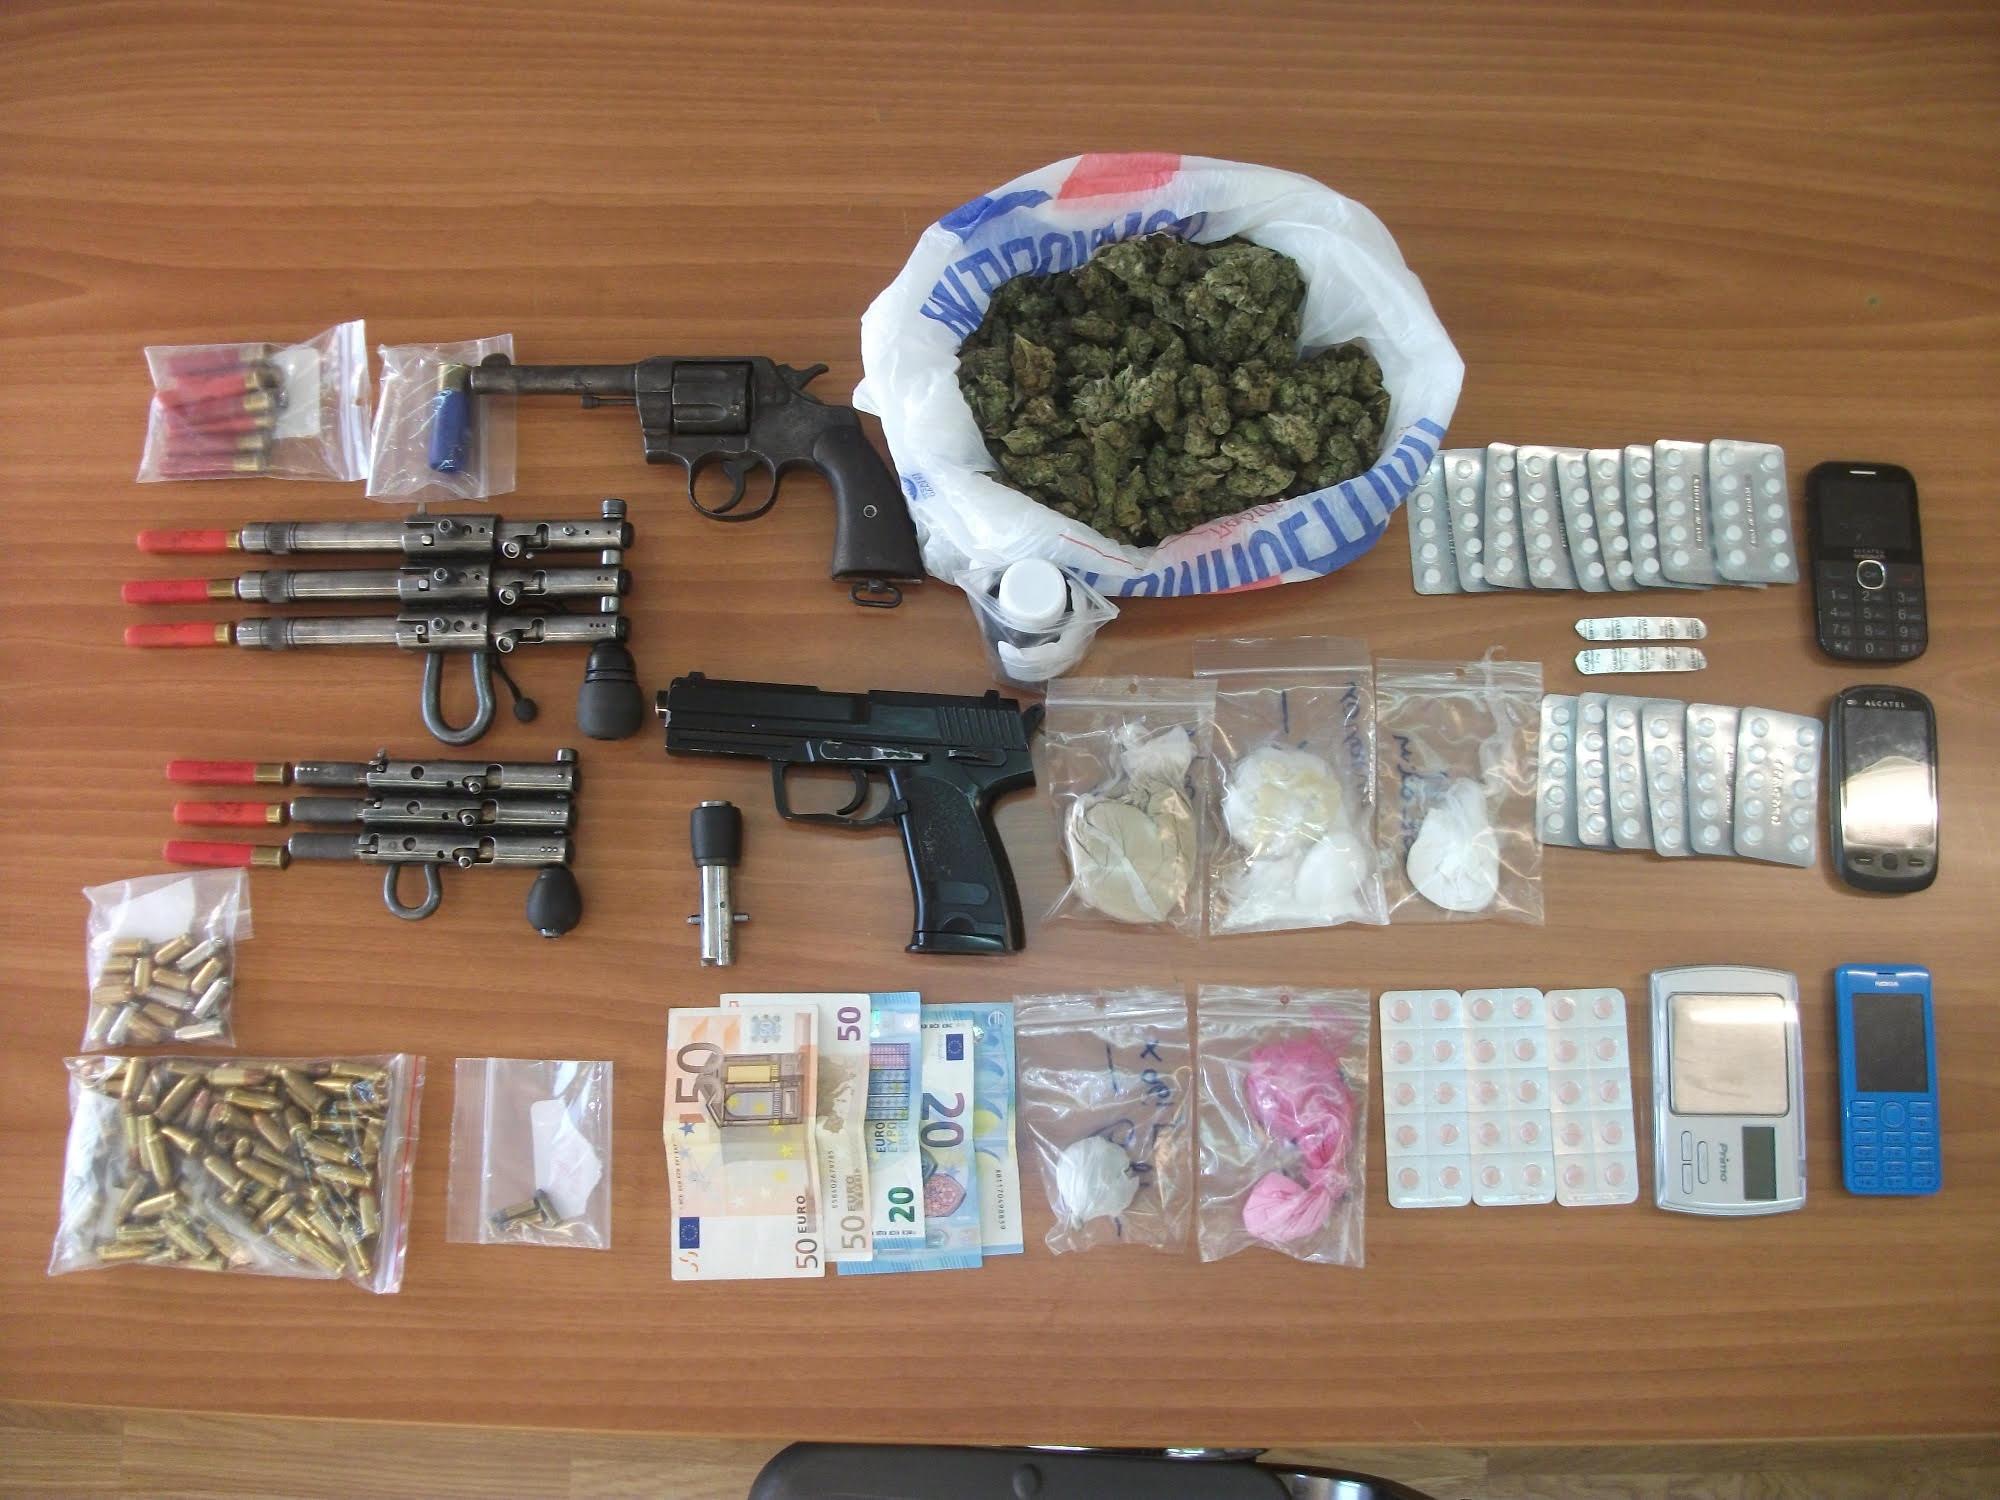 Συνελήφθη Αλβανός για διακίνηση ναρκωτικών - Έκρυβε ηρωίνη, κοκαΐνη και κάνναβη